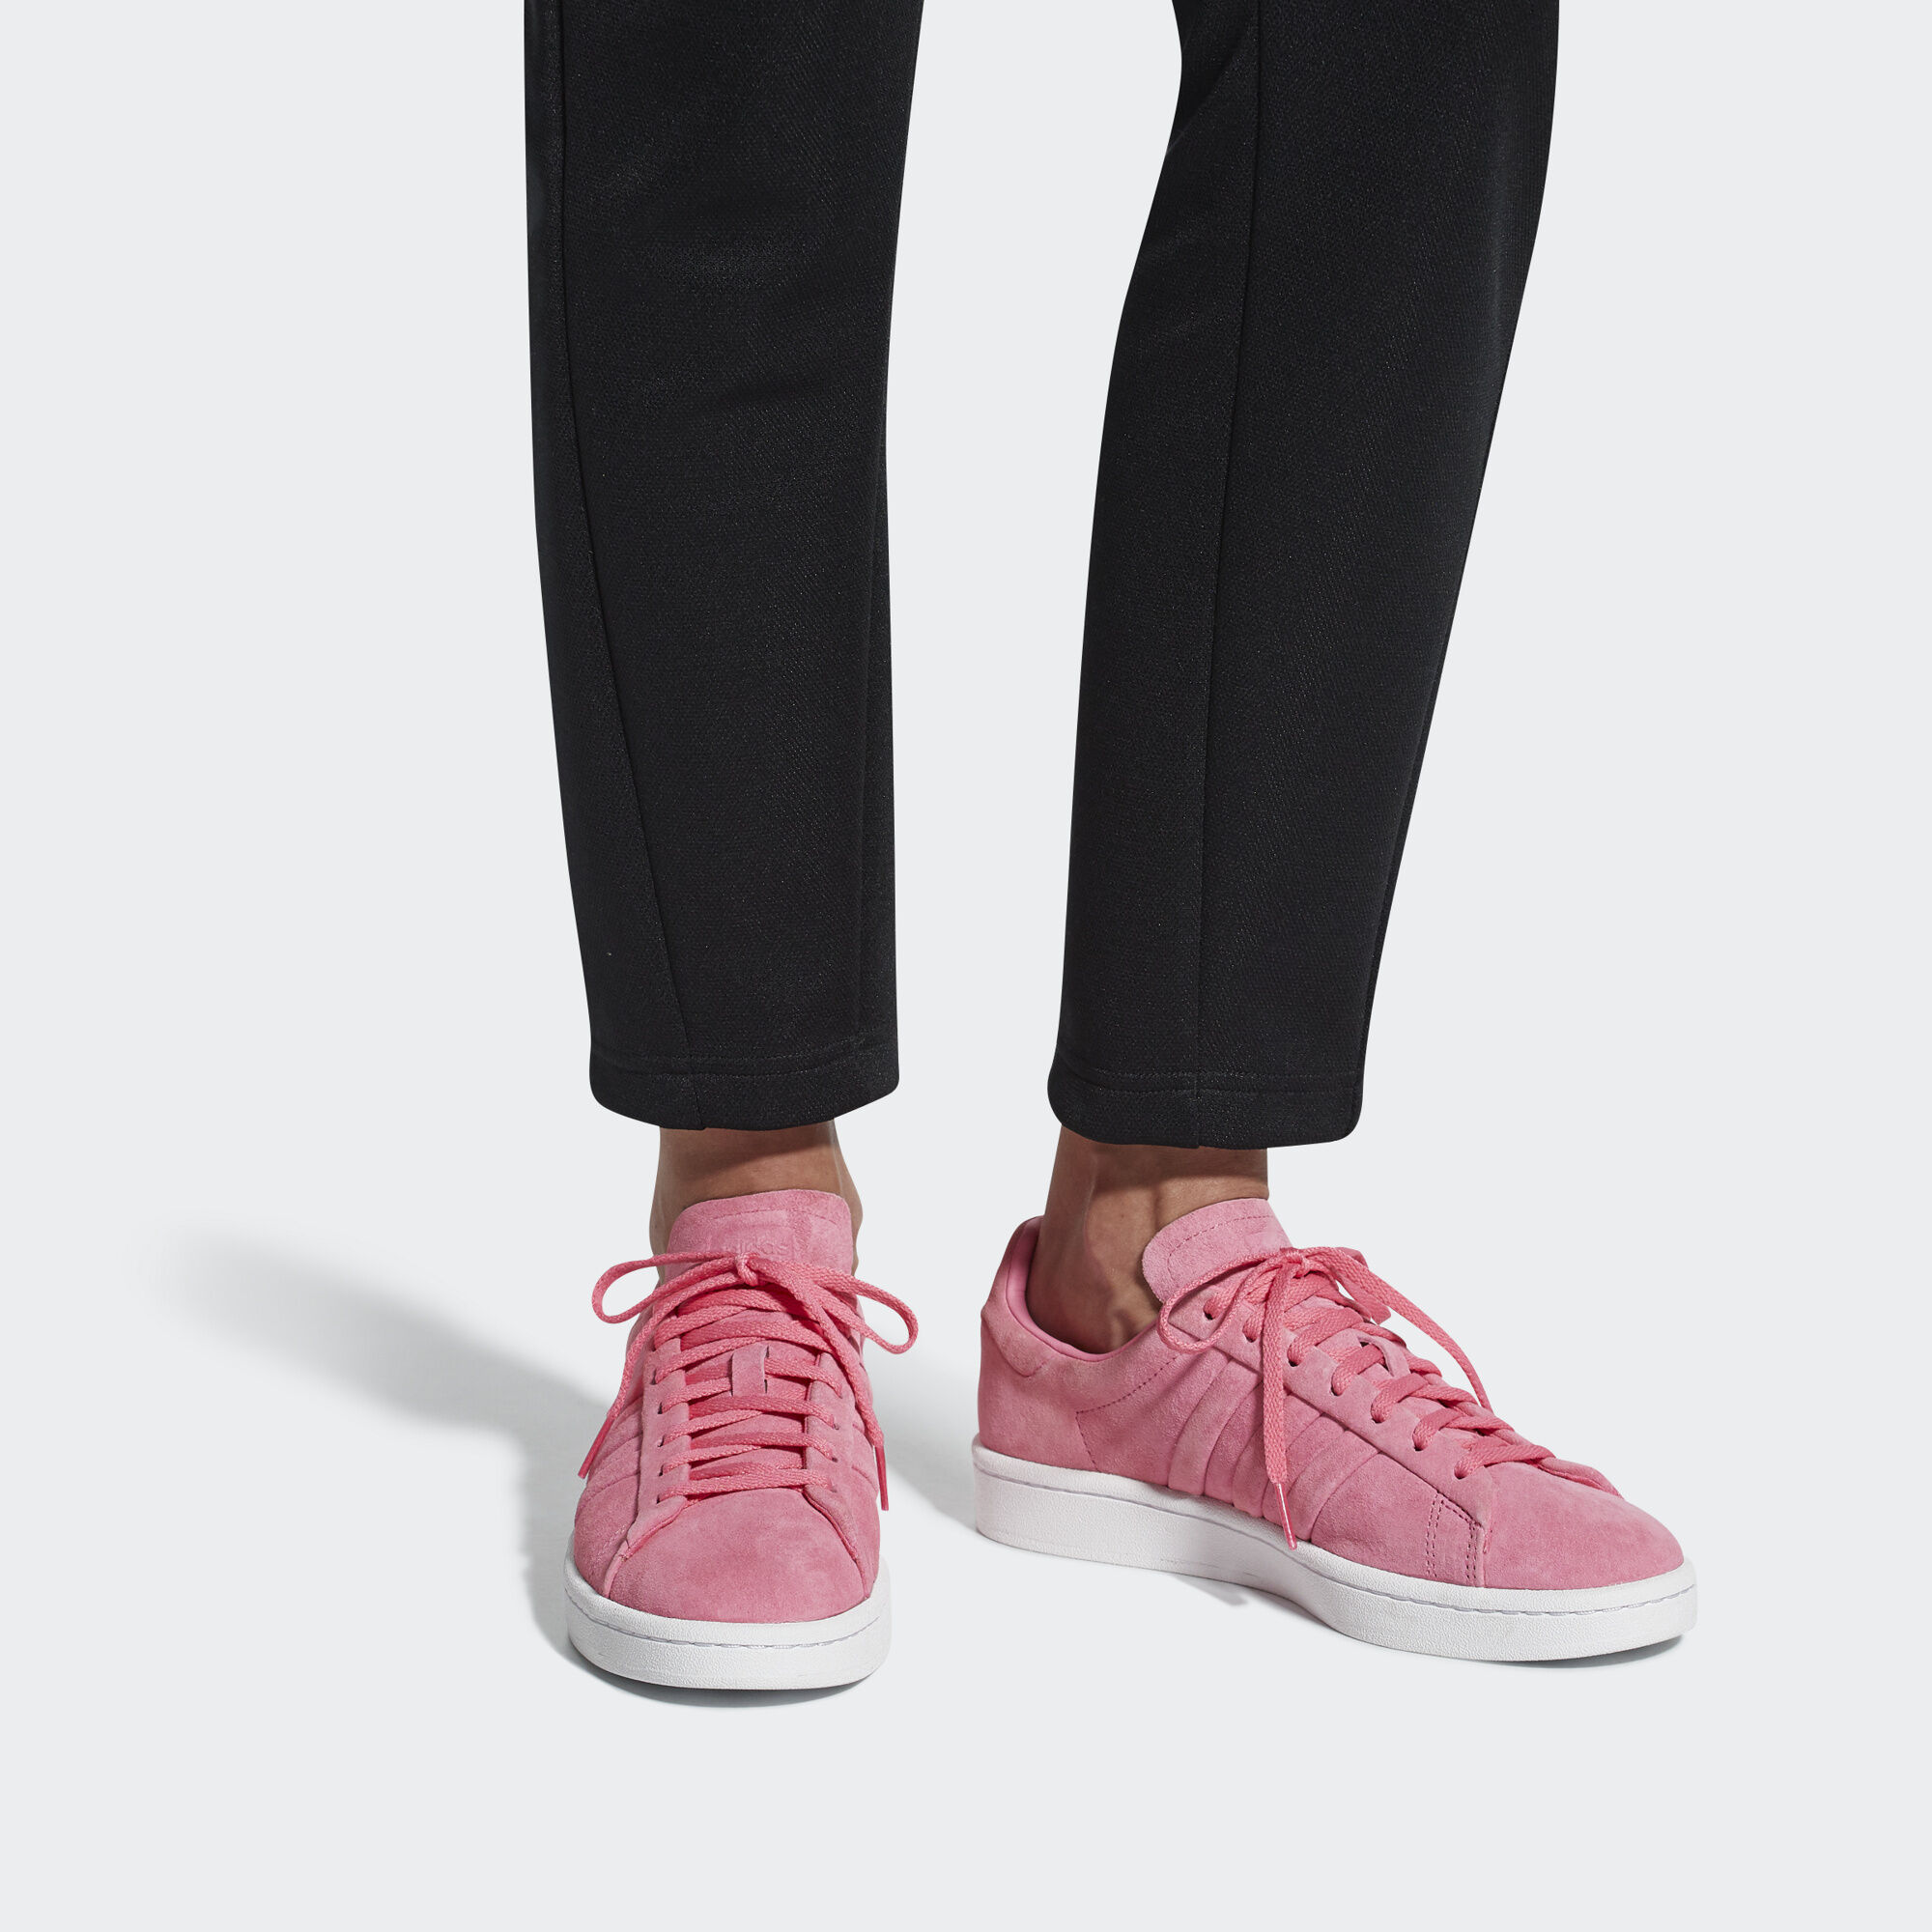 watch b68ae 893f0 adidas Campus Stitch and Turn Shoes - Blue  adidas UK